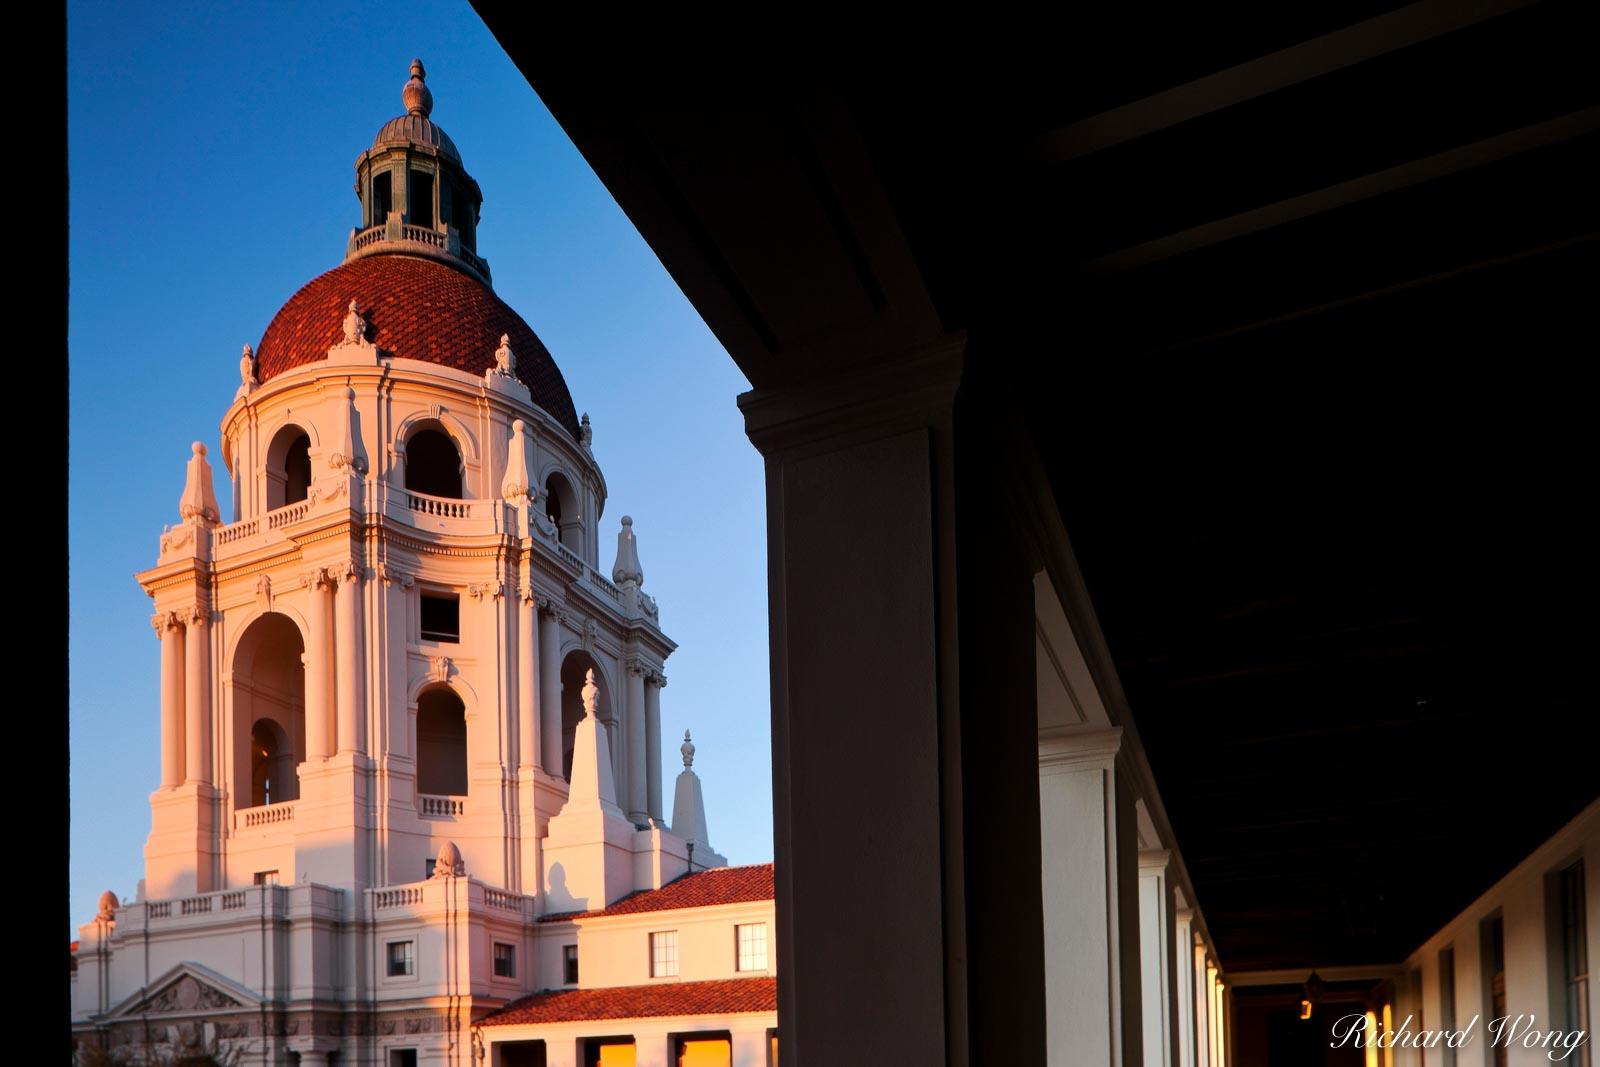 Italian Renaissance-style Dome of Pasadena City Hall, California, photo, photo